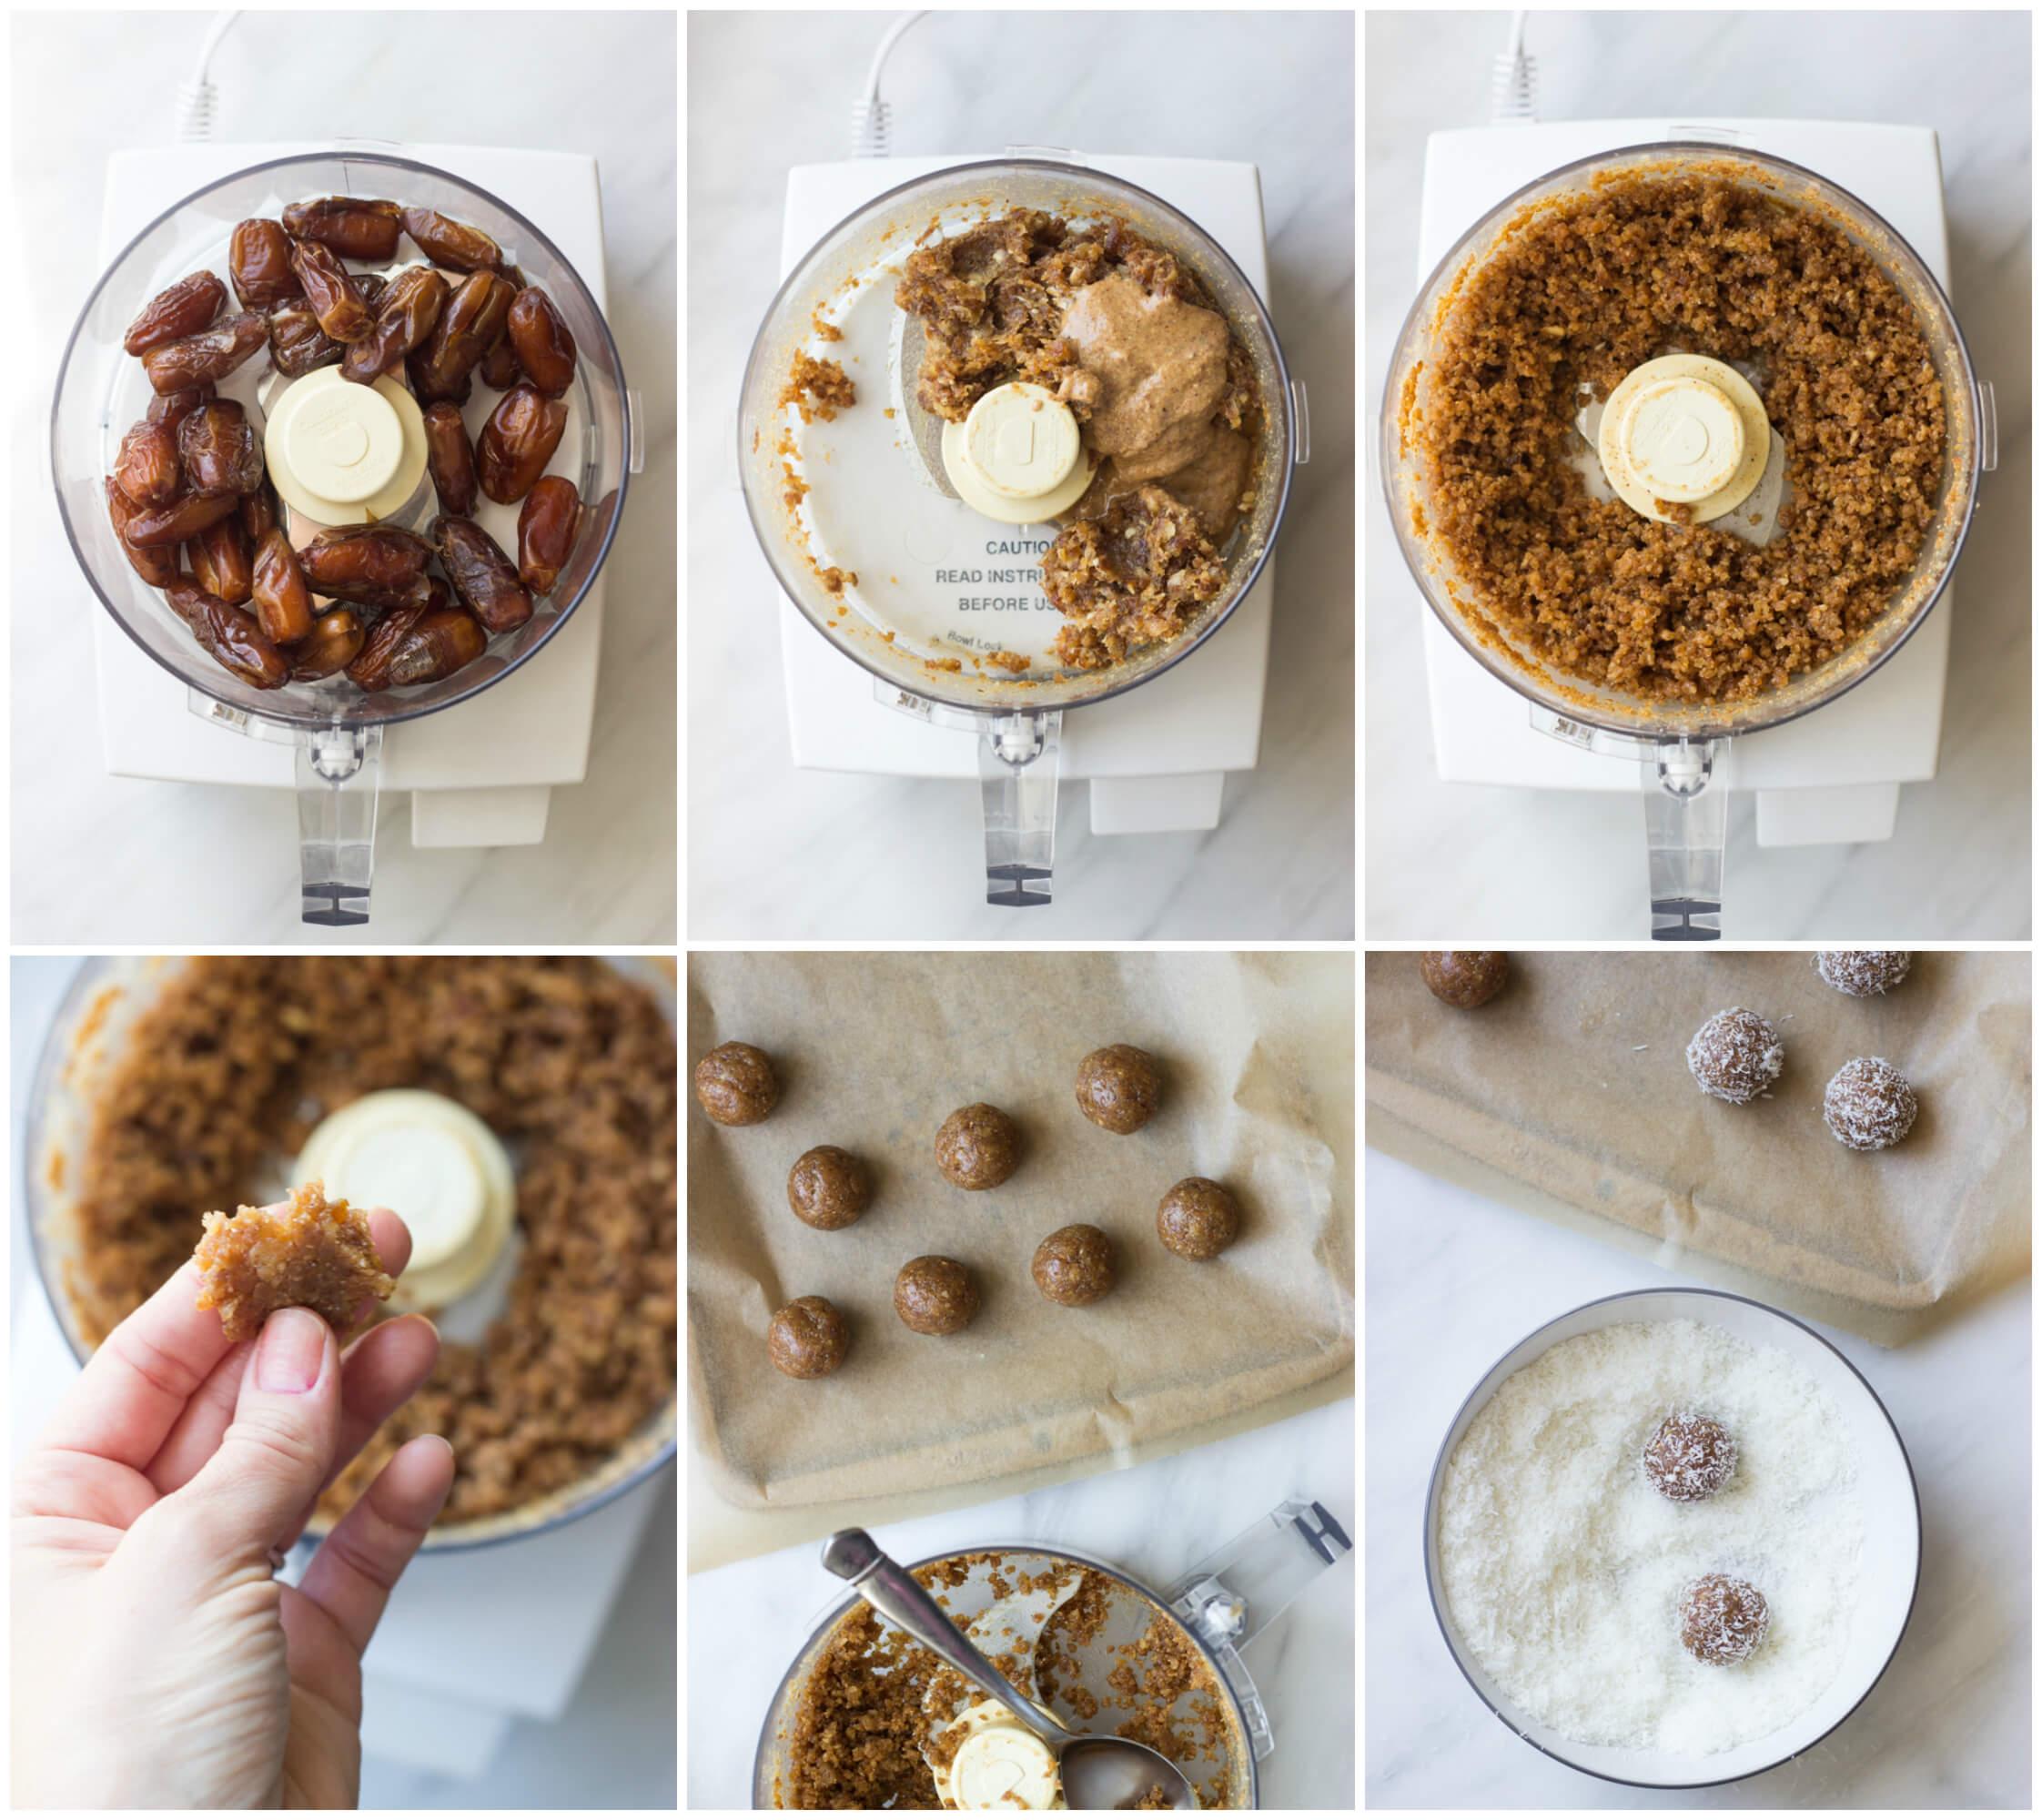 3-Ingredient Coconut Date Bites - slechts drie eenvoudige ingrediënten om deze paleo en vegan friendly dessert te maken | littlebroken.com @littlebroken